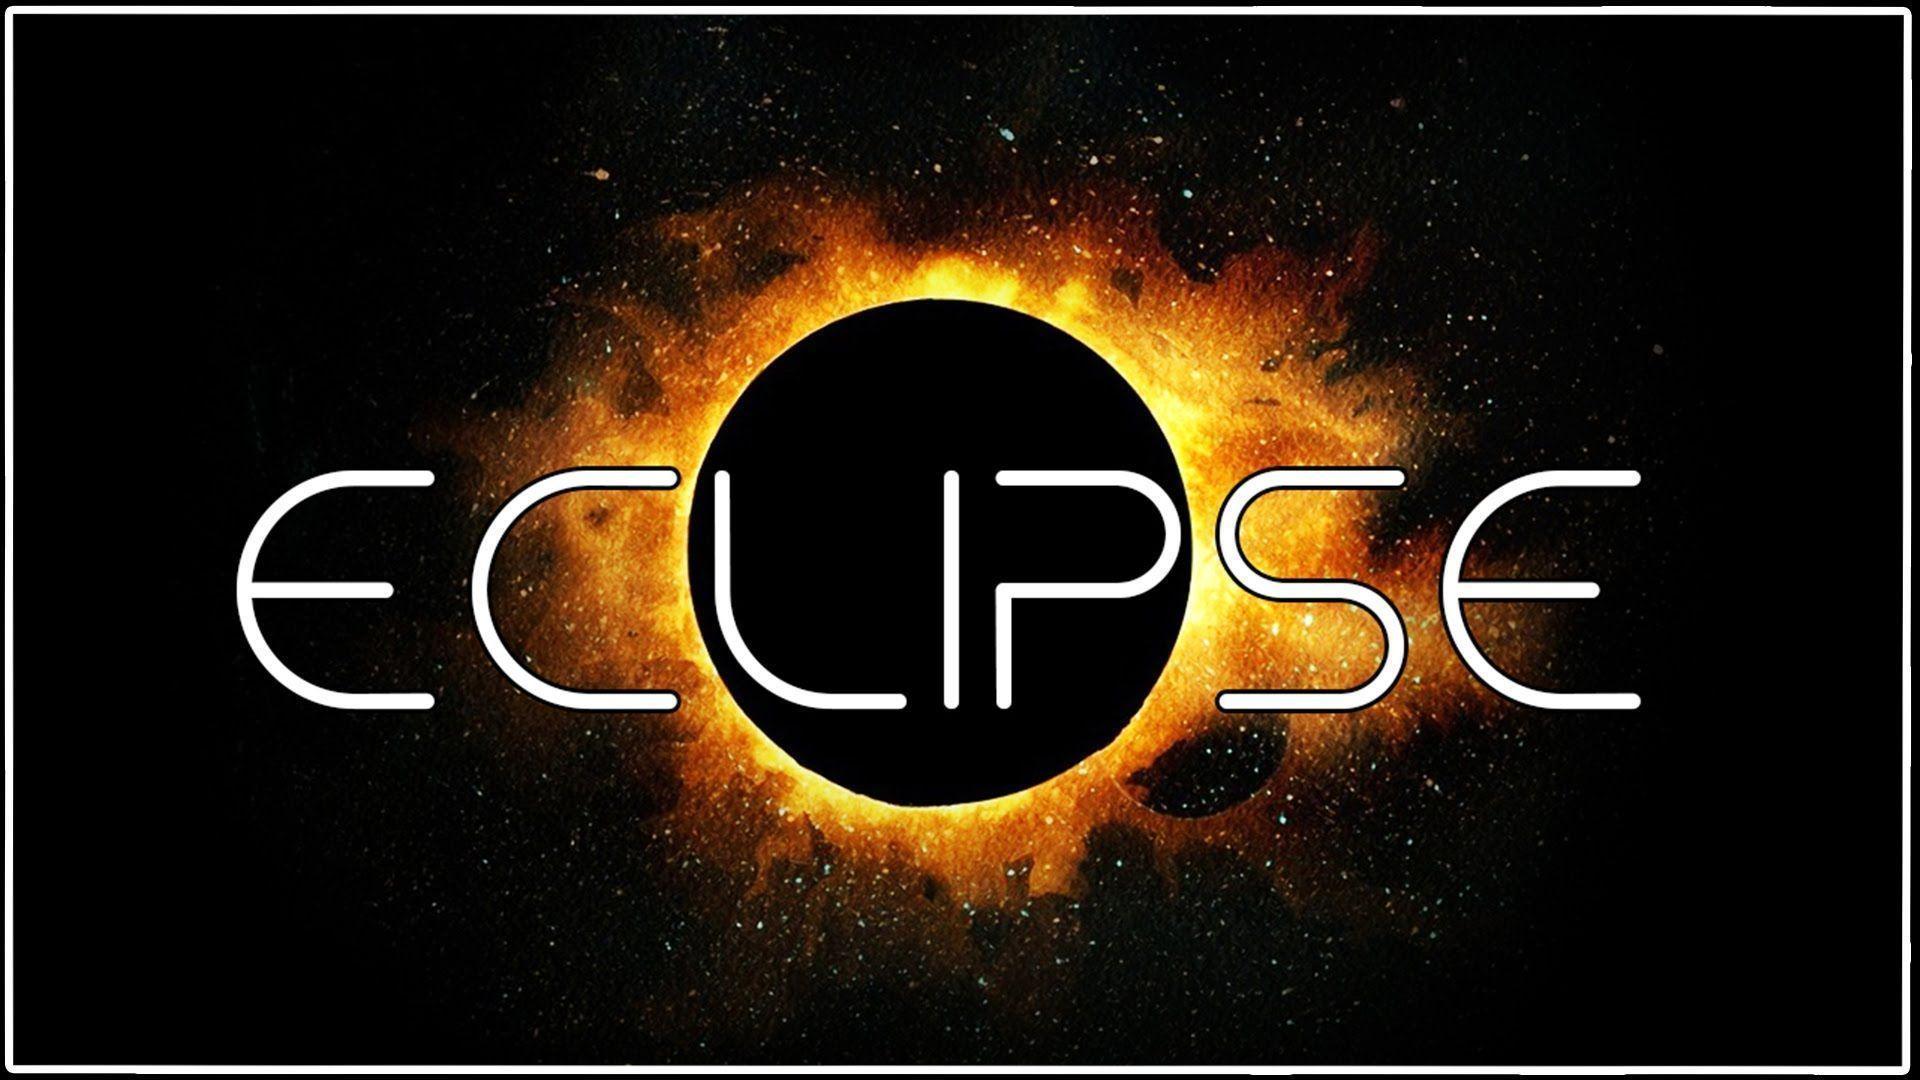 Eclipse Backgrounds download on the digitalimagemakerworldcom 1920x1080